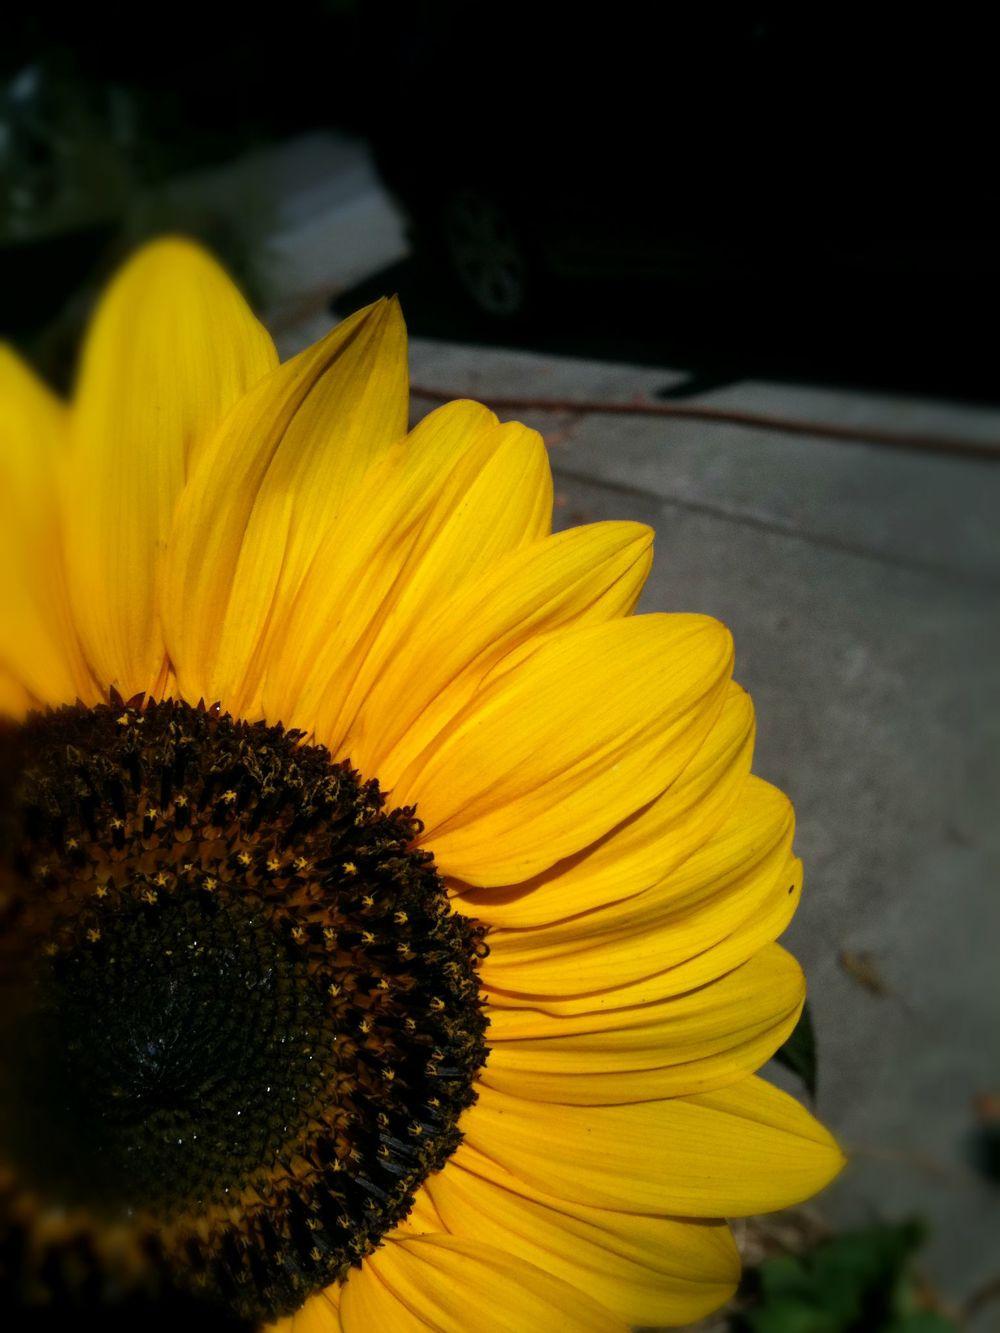 sunflower_yellow.JPG